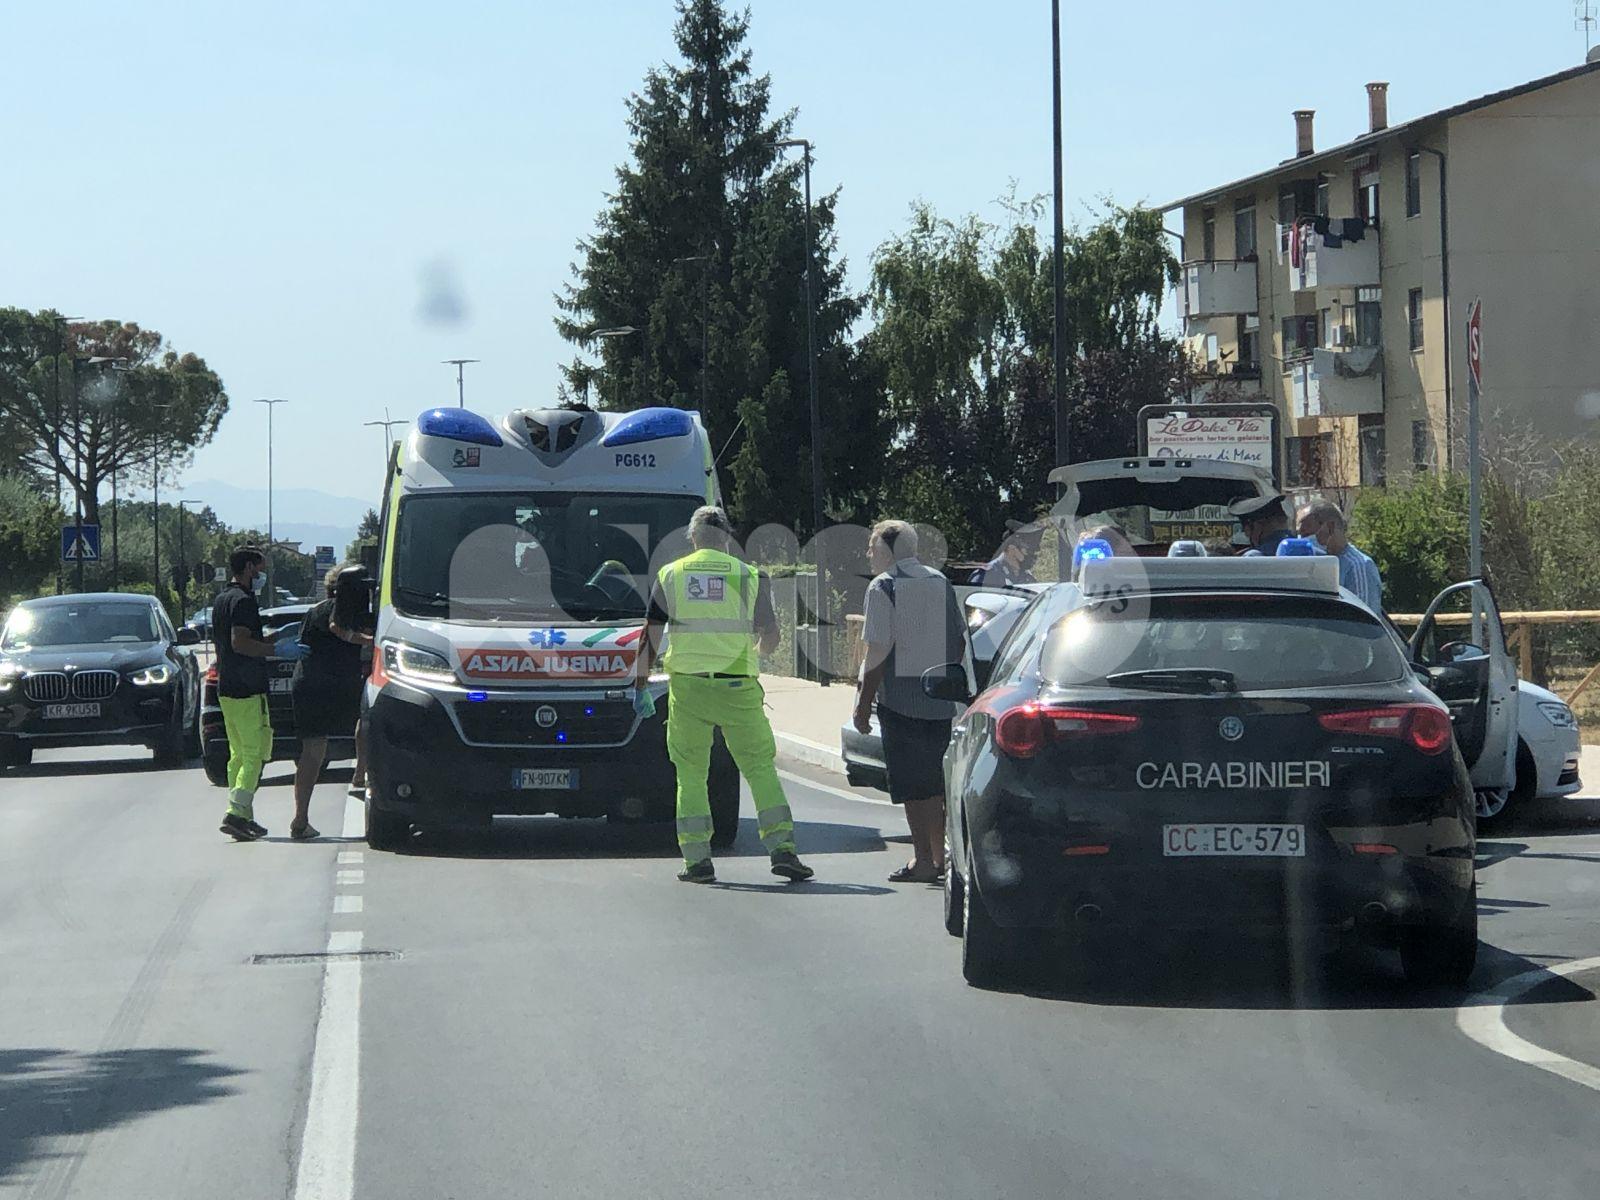 Incidente a Santa Maria degli Angeli, nessun ferito grave